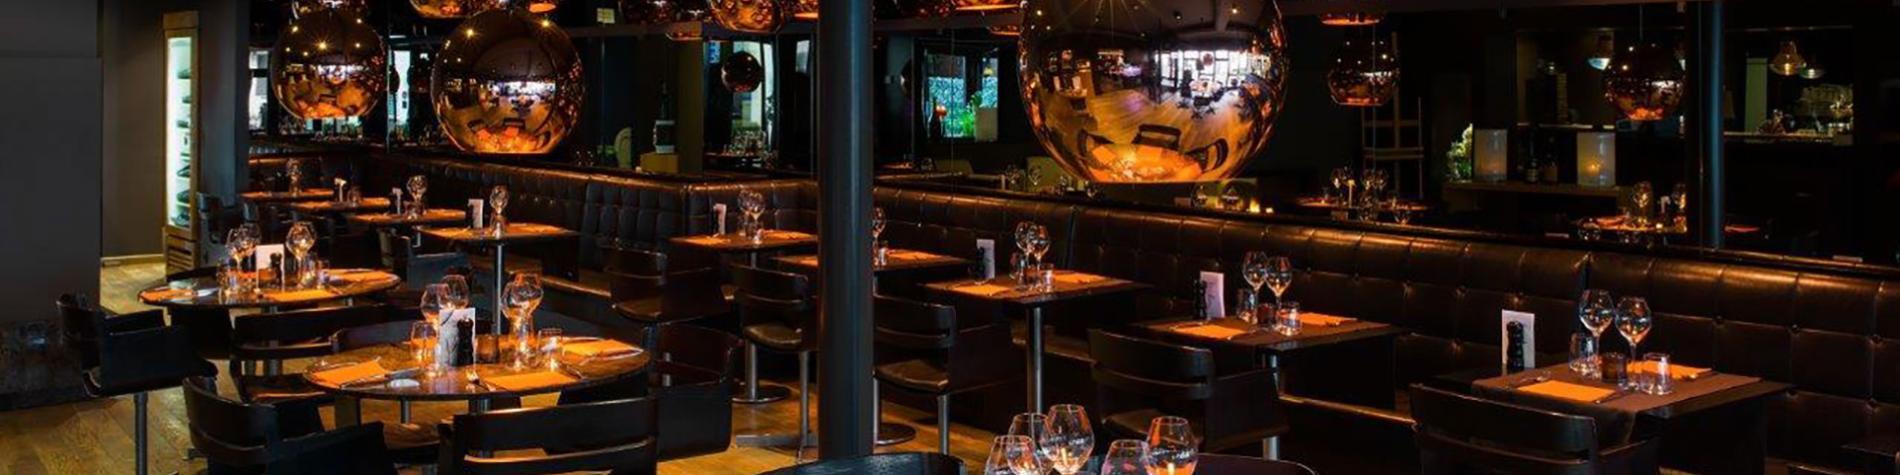 Hôtel - restaurant - Le Florentin - Florenville - accueil italien - fitness - cabine infrarouges - massage - borne de recharge pour voiture électrique